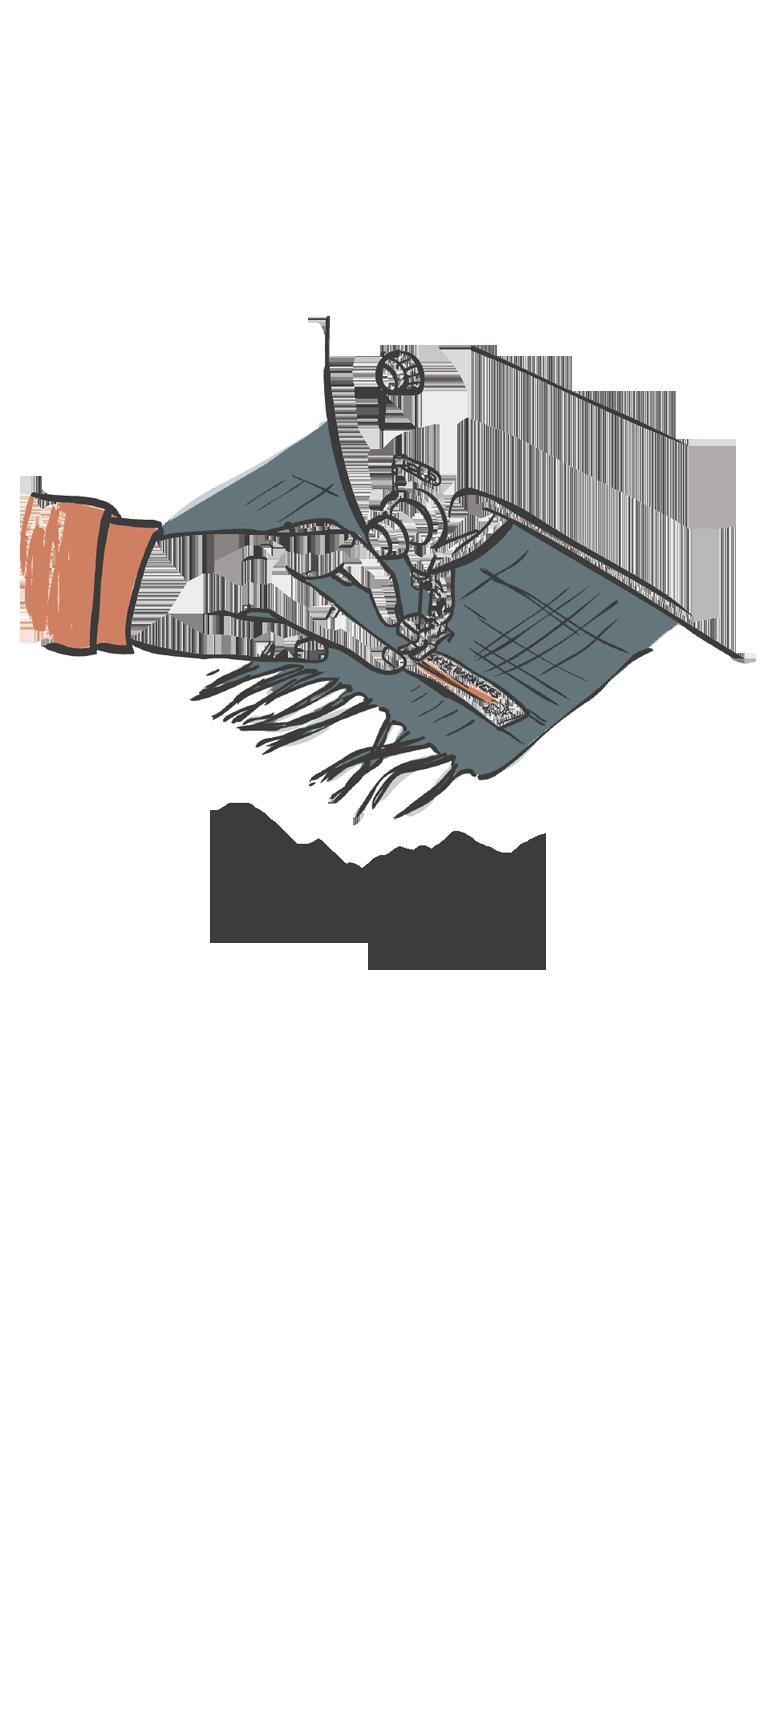 Skye Weavers Labelling